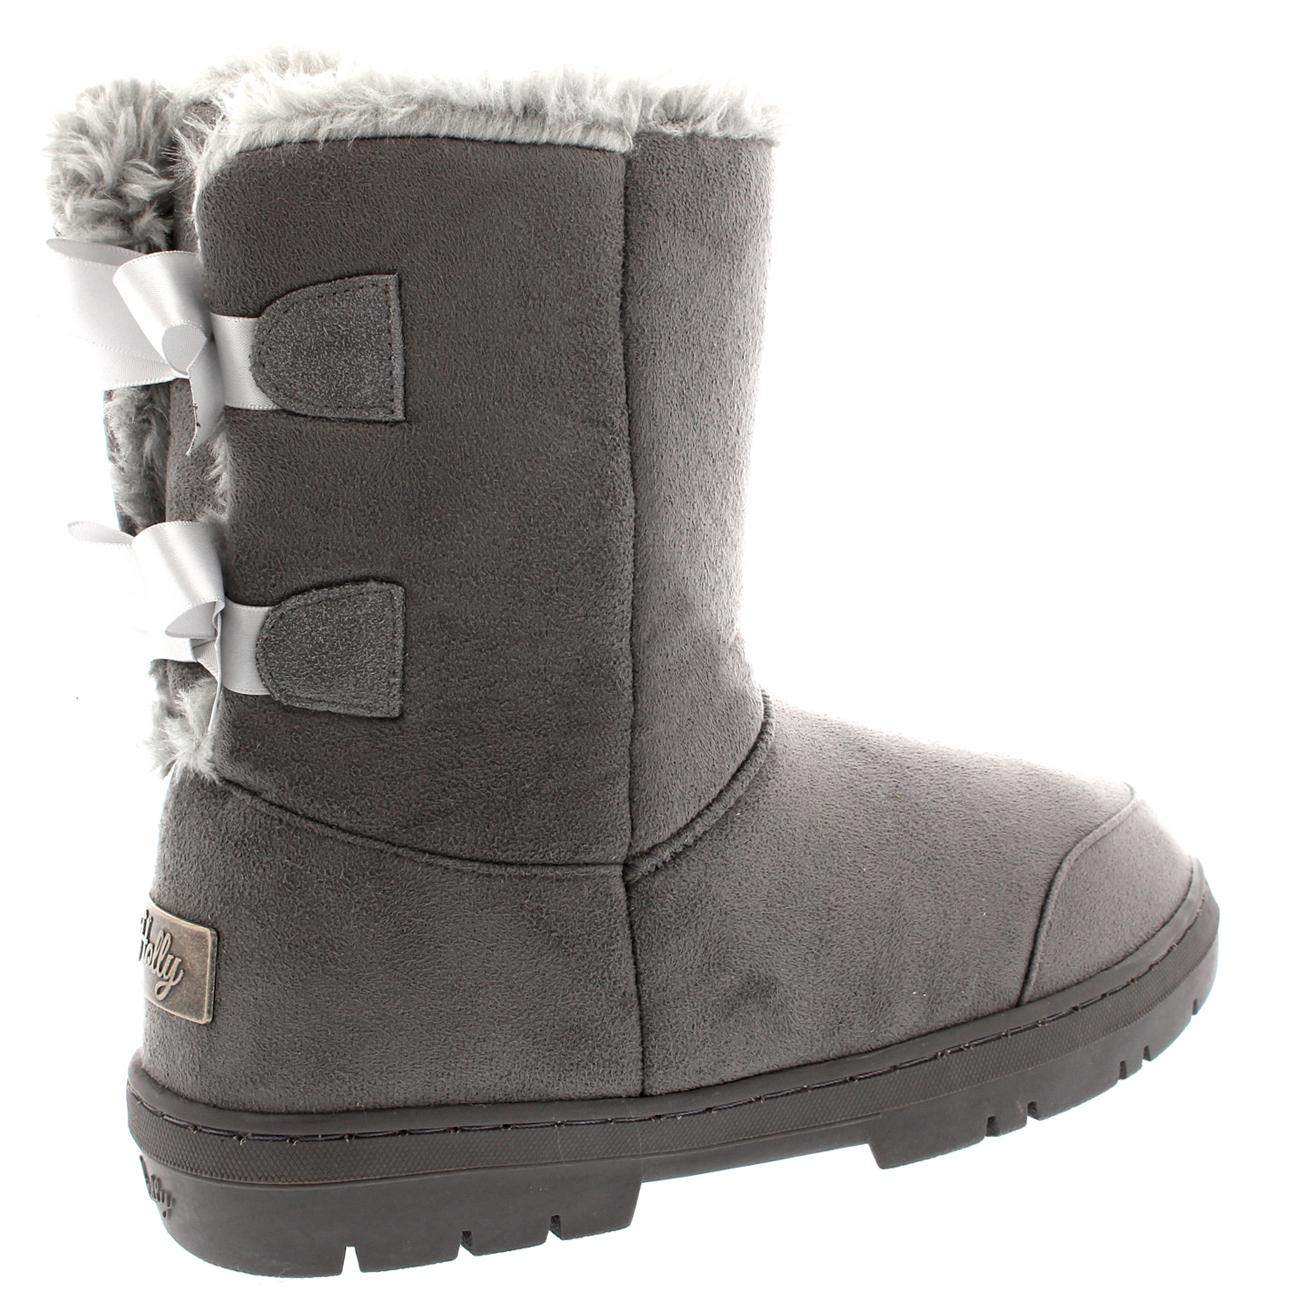 Womens Twin Bow Tall Classic Fur Waterproof Snow Boot Winter Rain ...